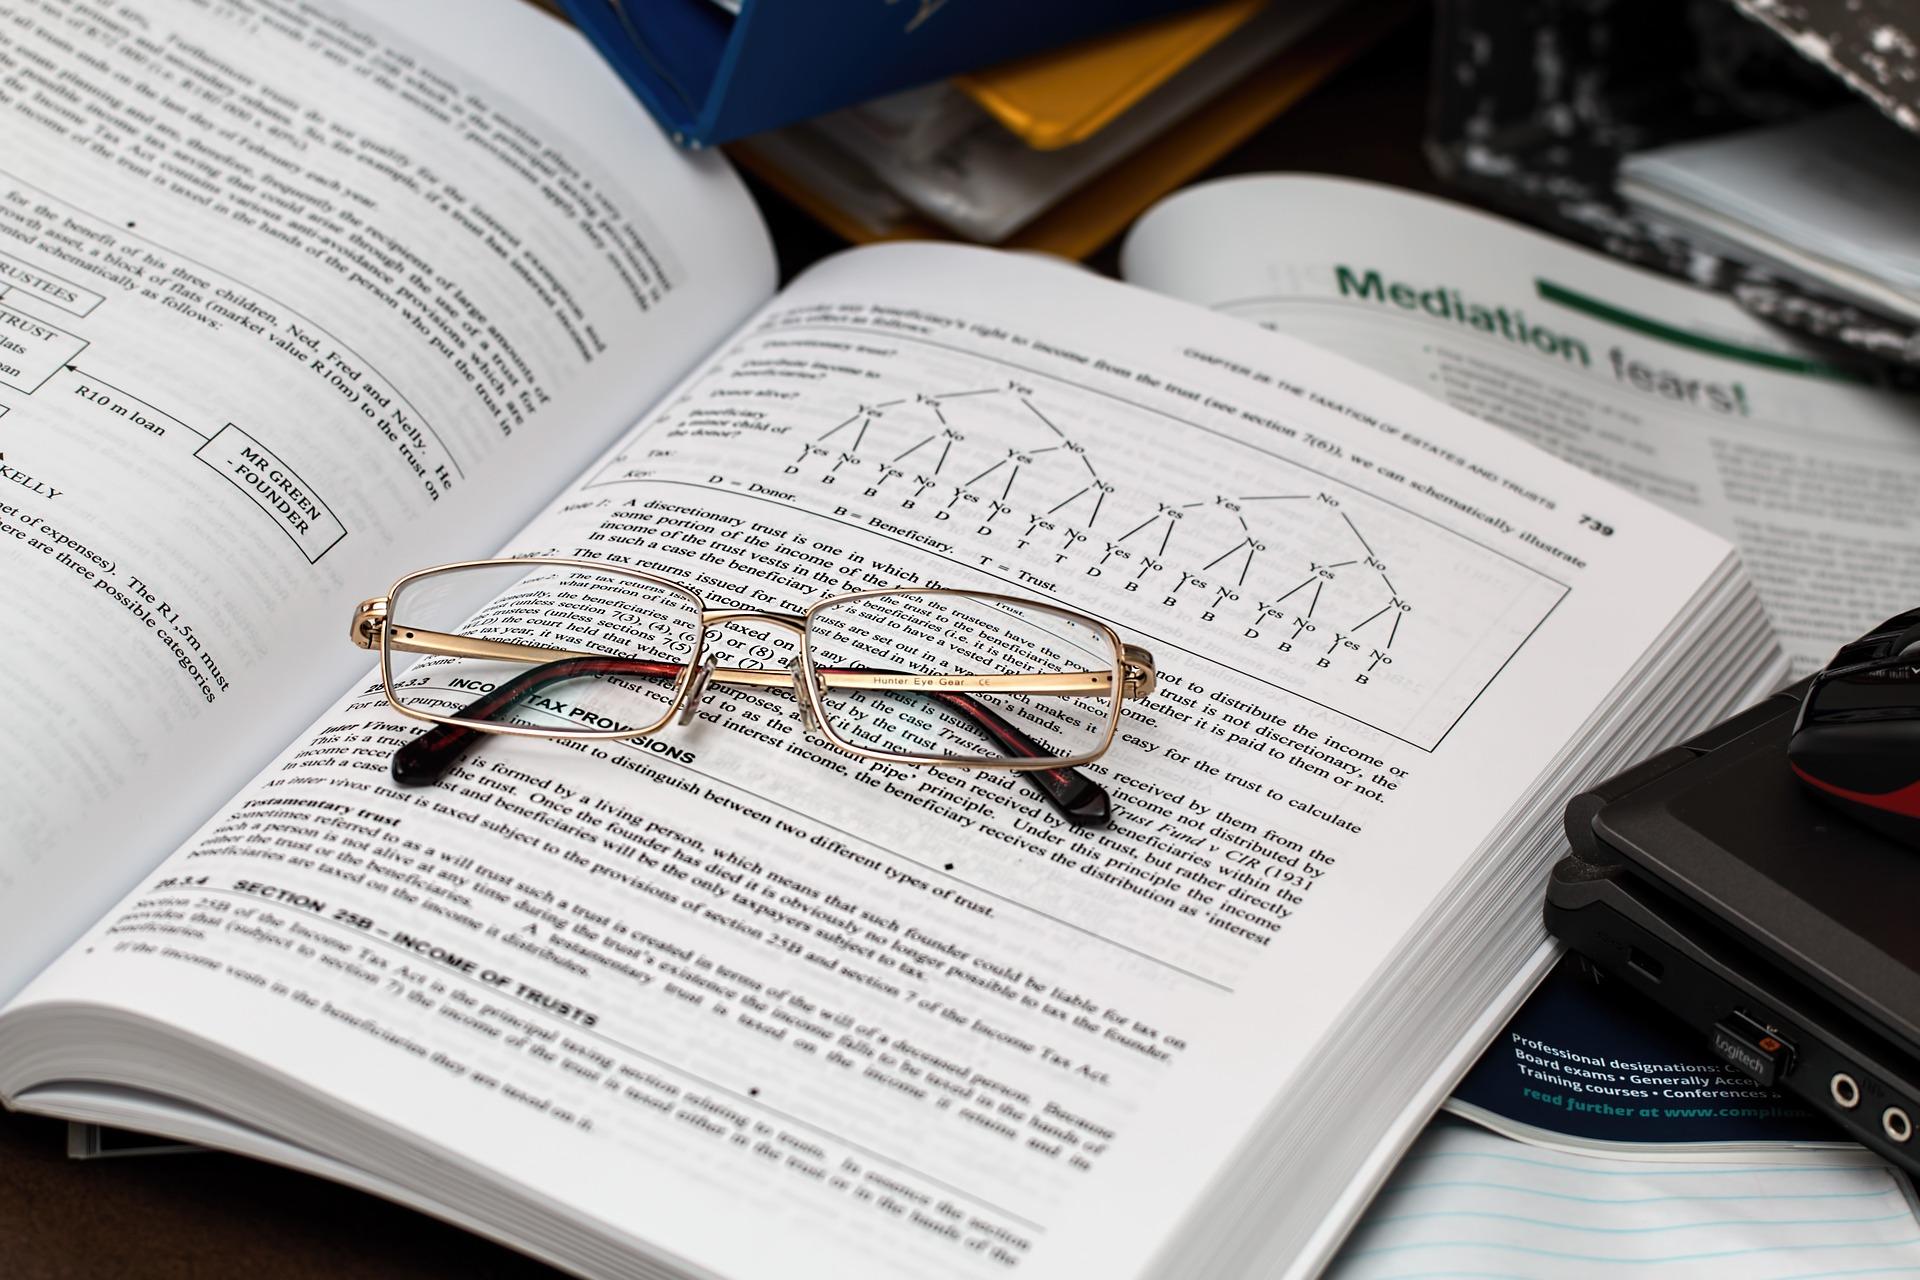 Des_règles_intelligentes_pour_mieux_adapter_la_comptabilité_des_petites_entreprises_à_vos_besoins